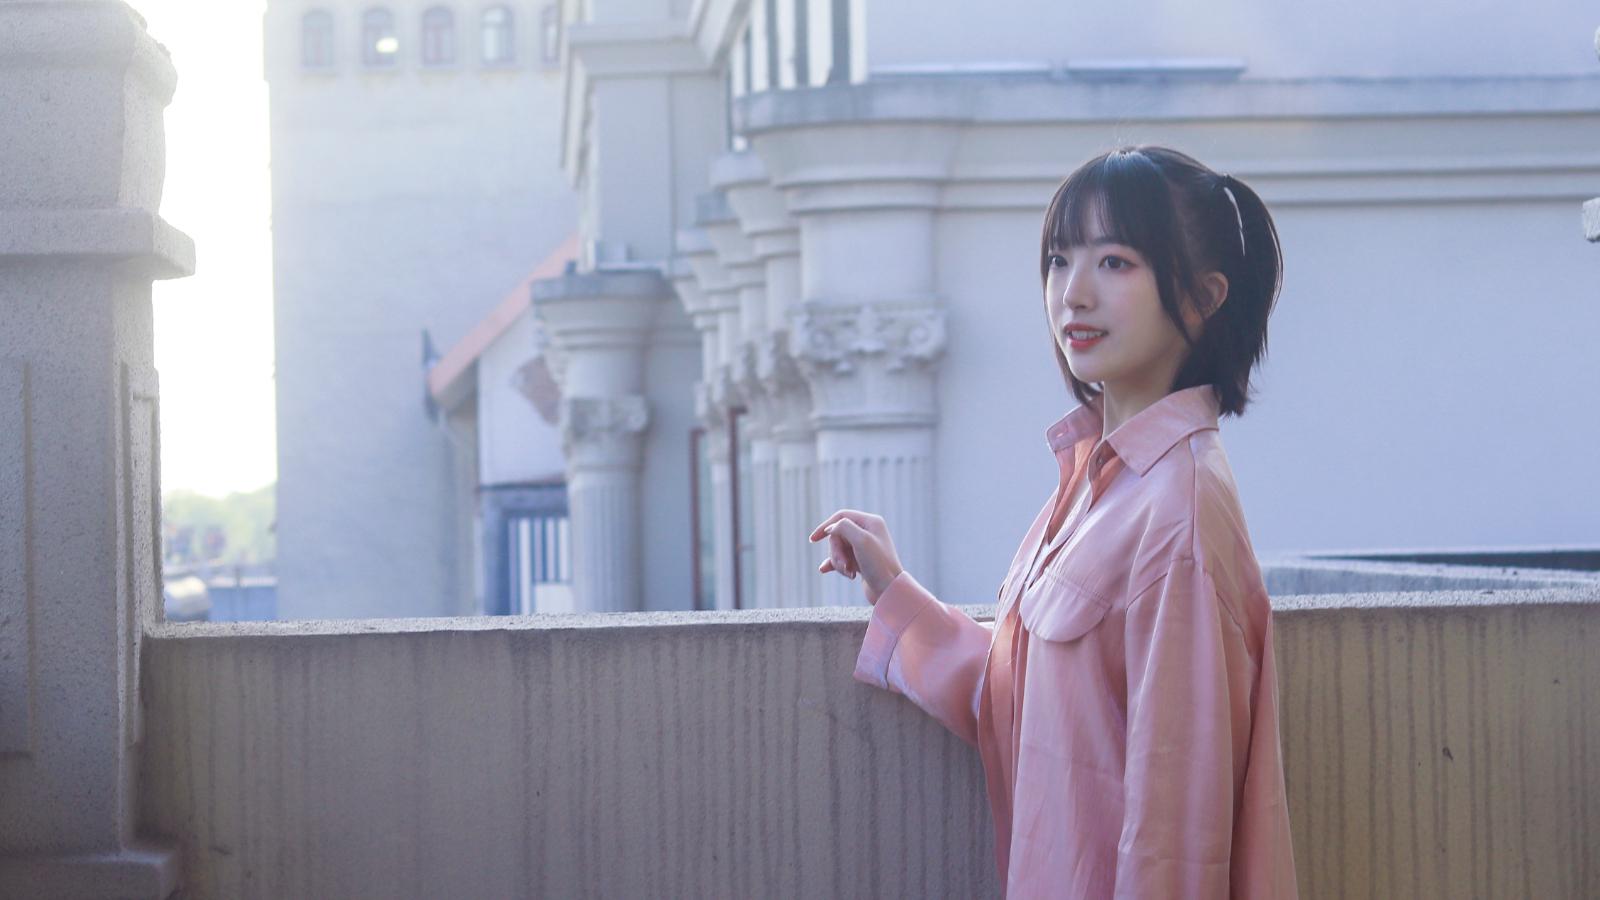 【潇湘】我又初恋了一起陷入恋爱吧~